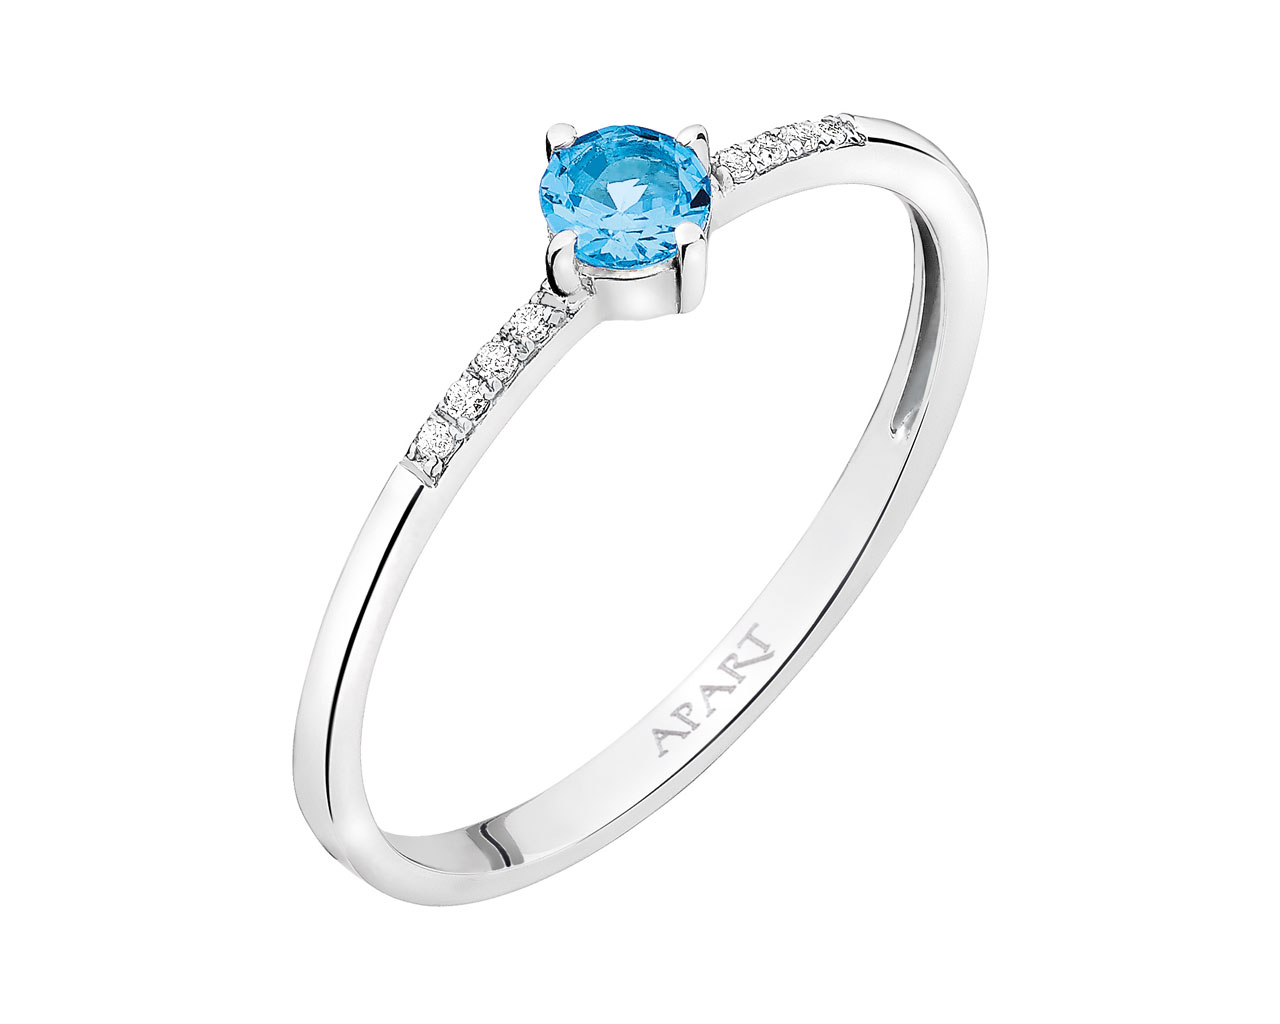 idealny pierścionek zaręczynowy - zdjęcie 5